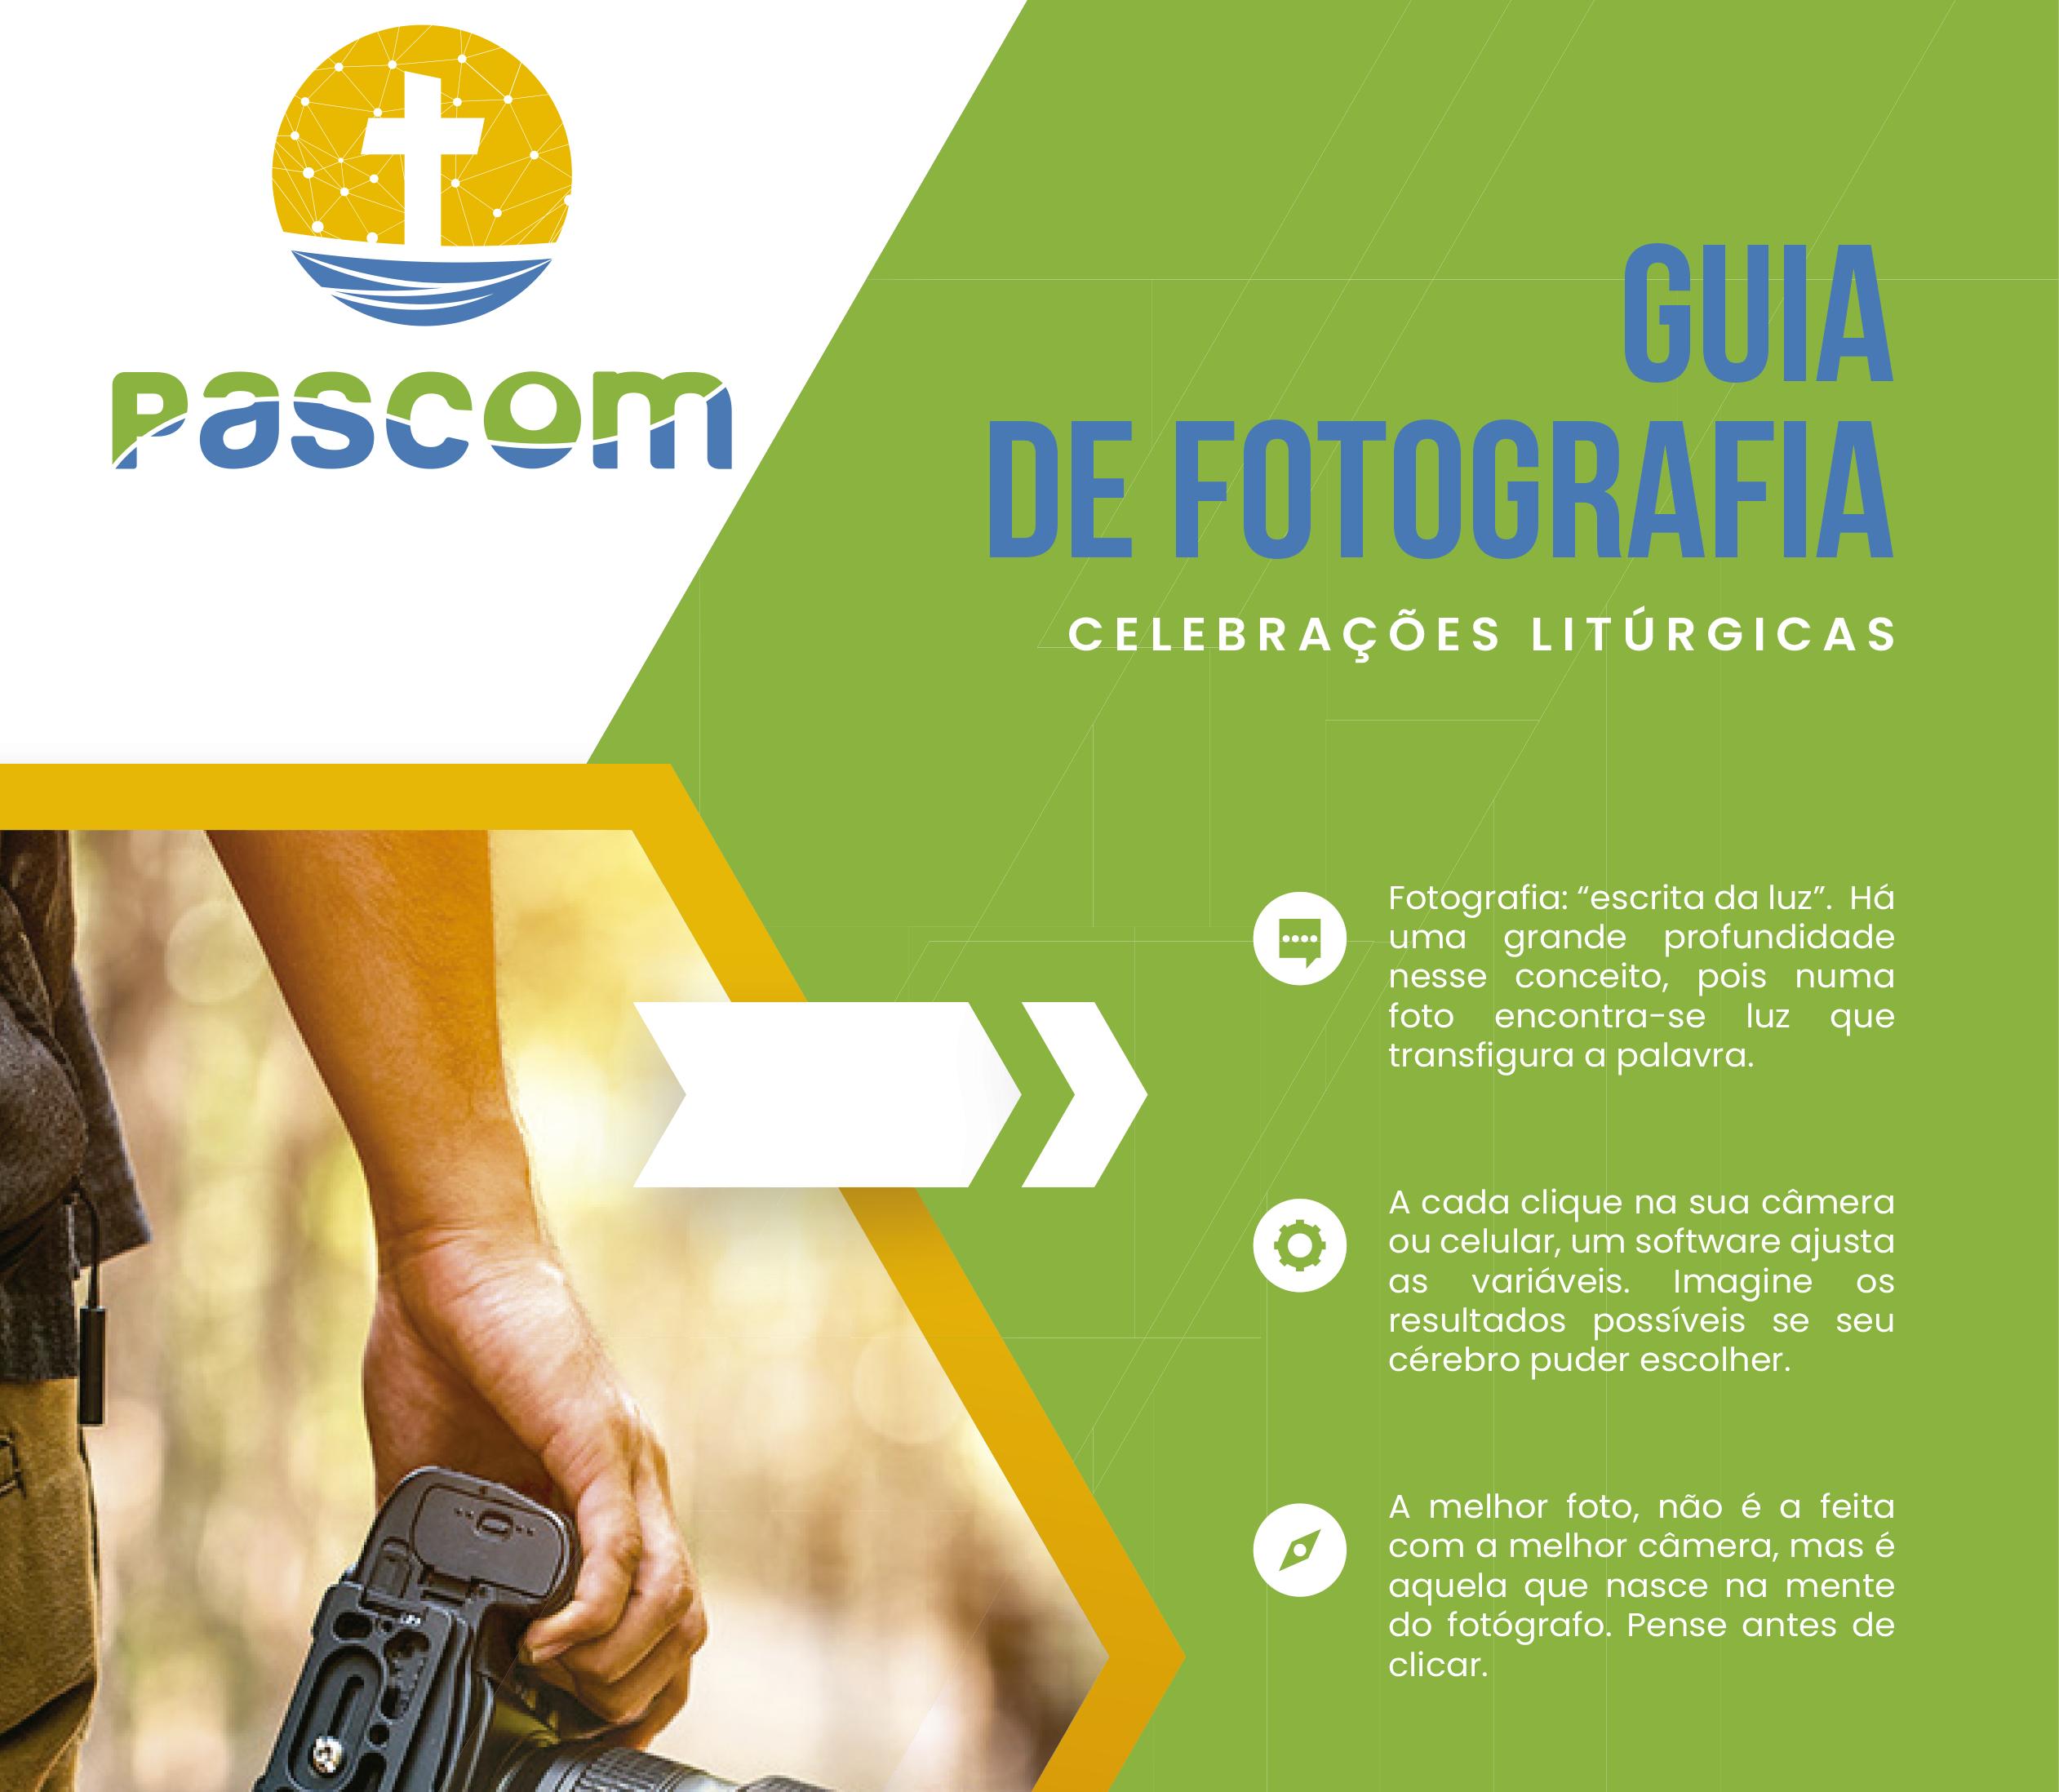 PASCOM: Guia de Fotografia Litúrgica está disponível para download